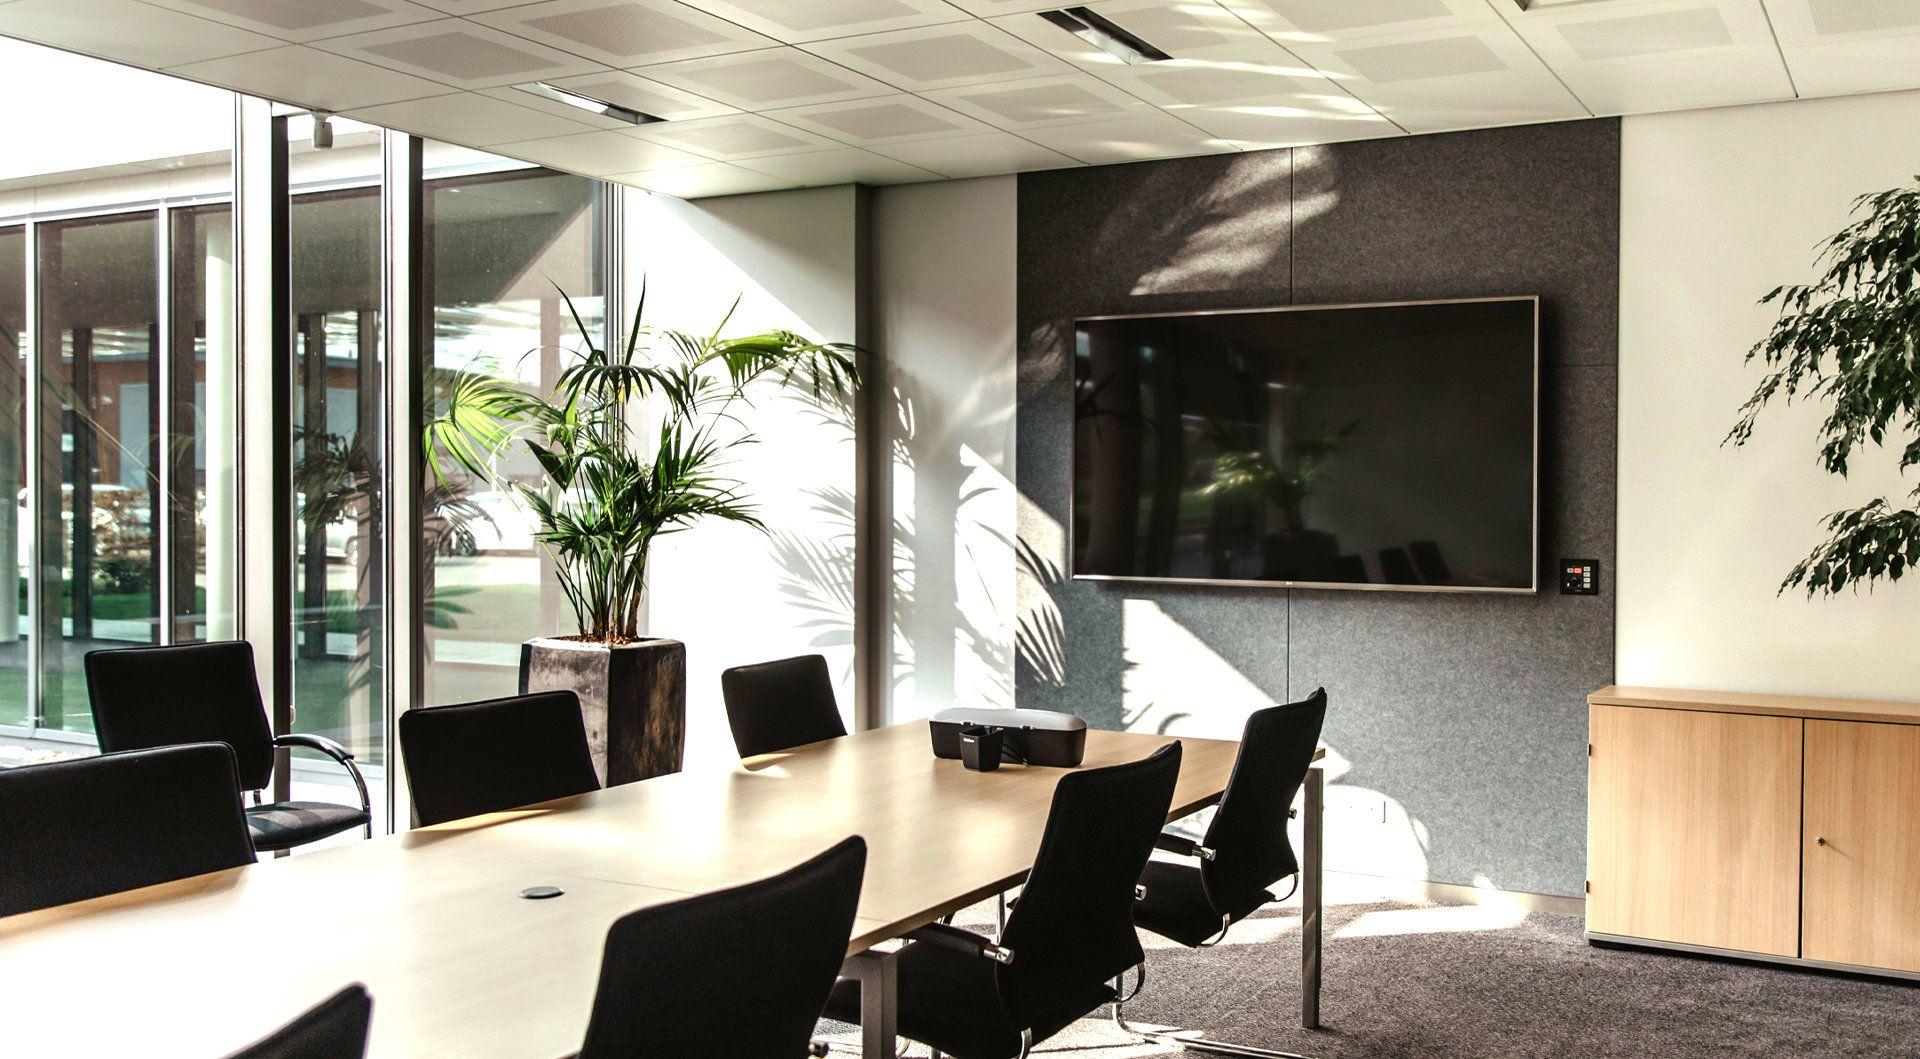 """Conen Mounts SCETAD flat panel vloer standaard 3,05 m (120"""") Draagbare flatscreen vloerstandaard Aluminium, Zwart - Case studie de vries"""